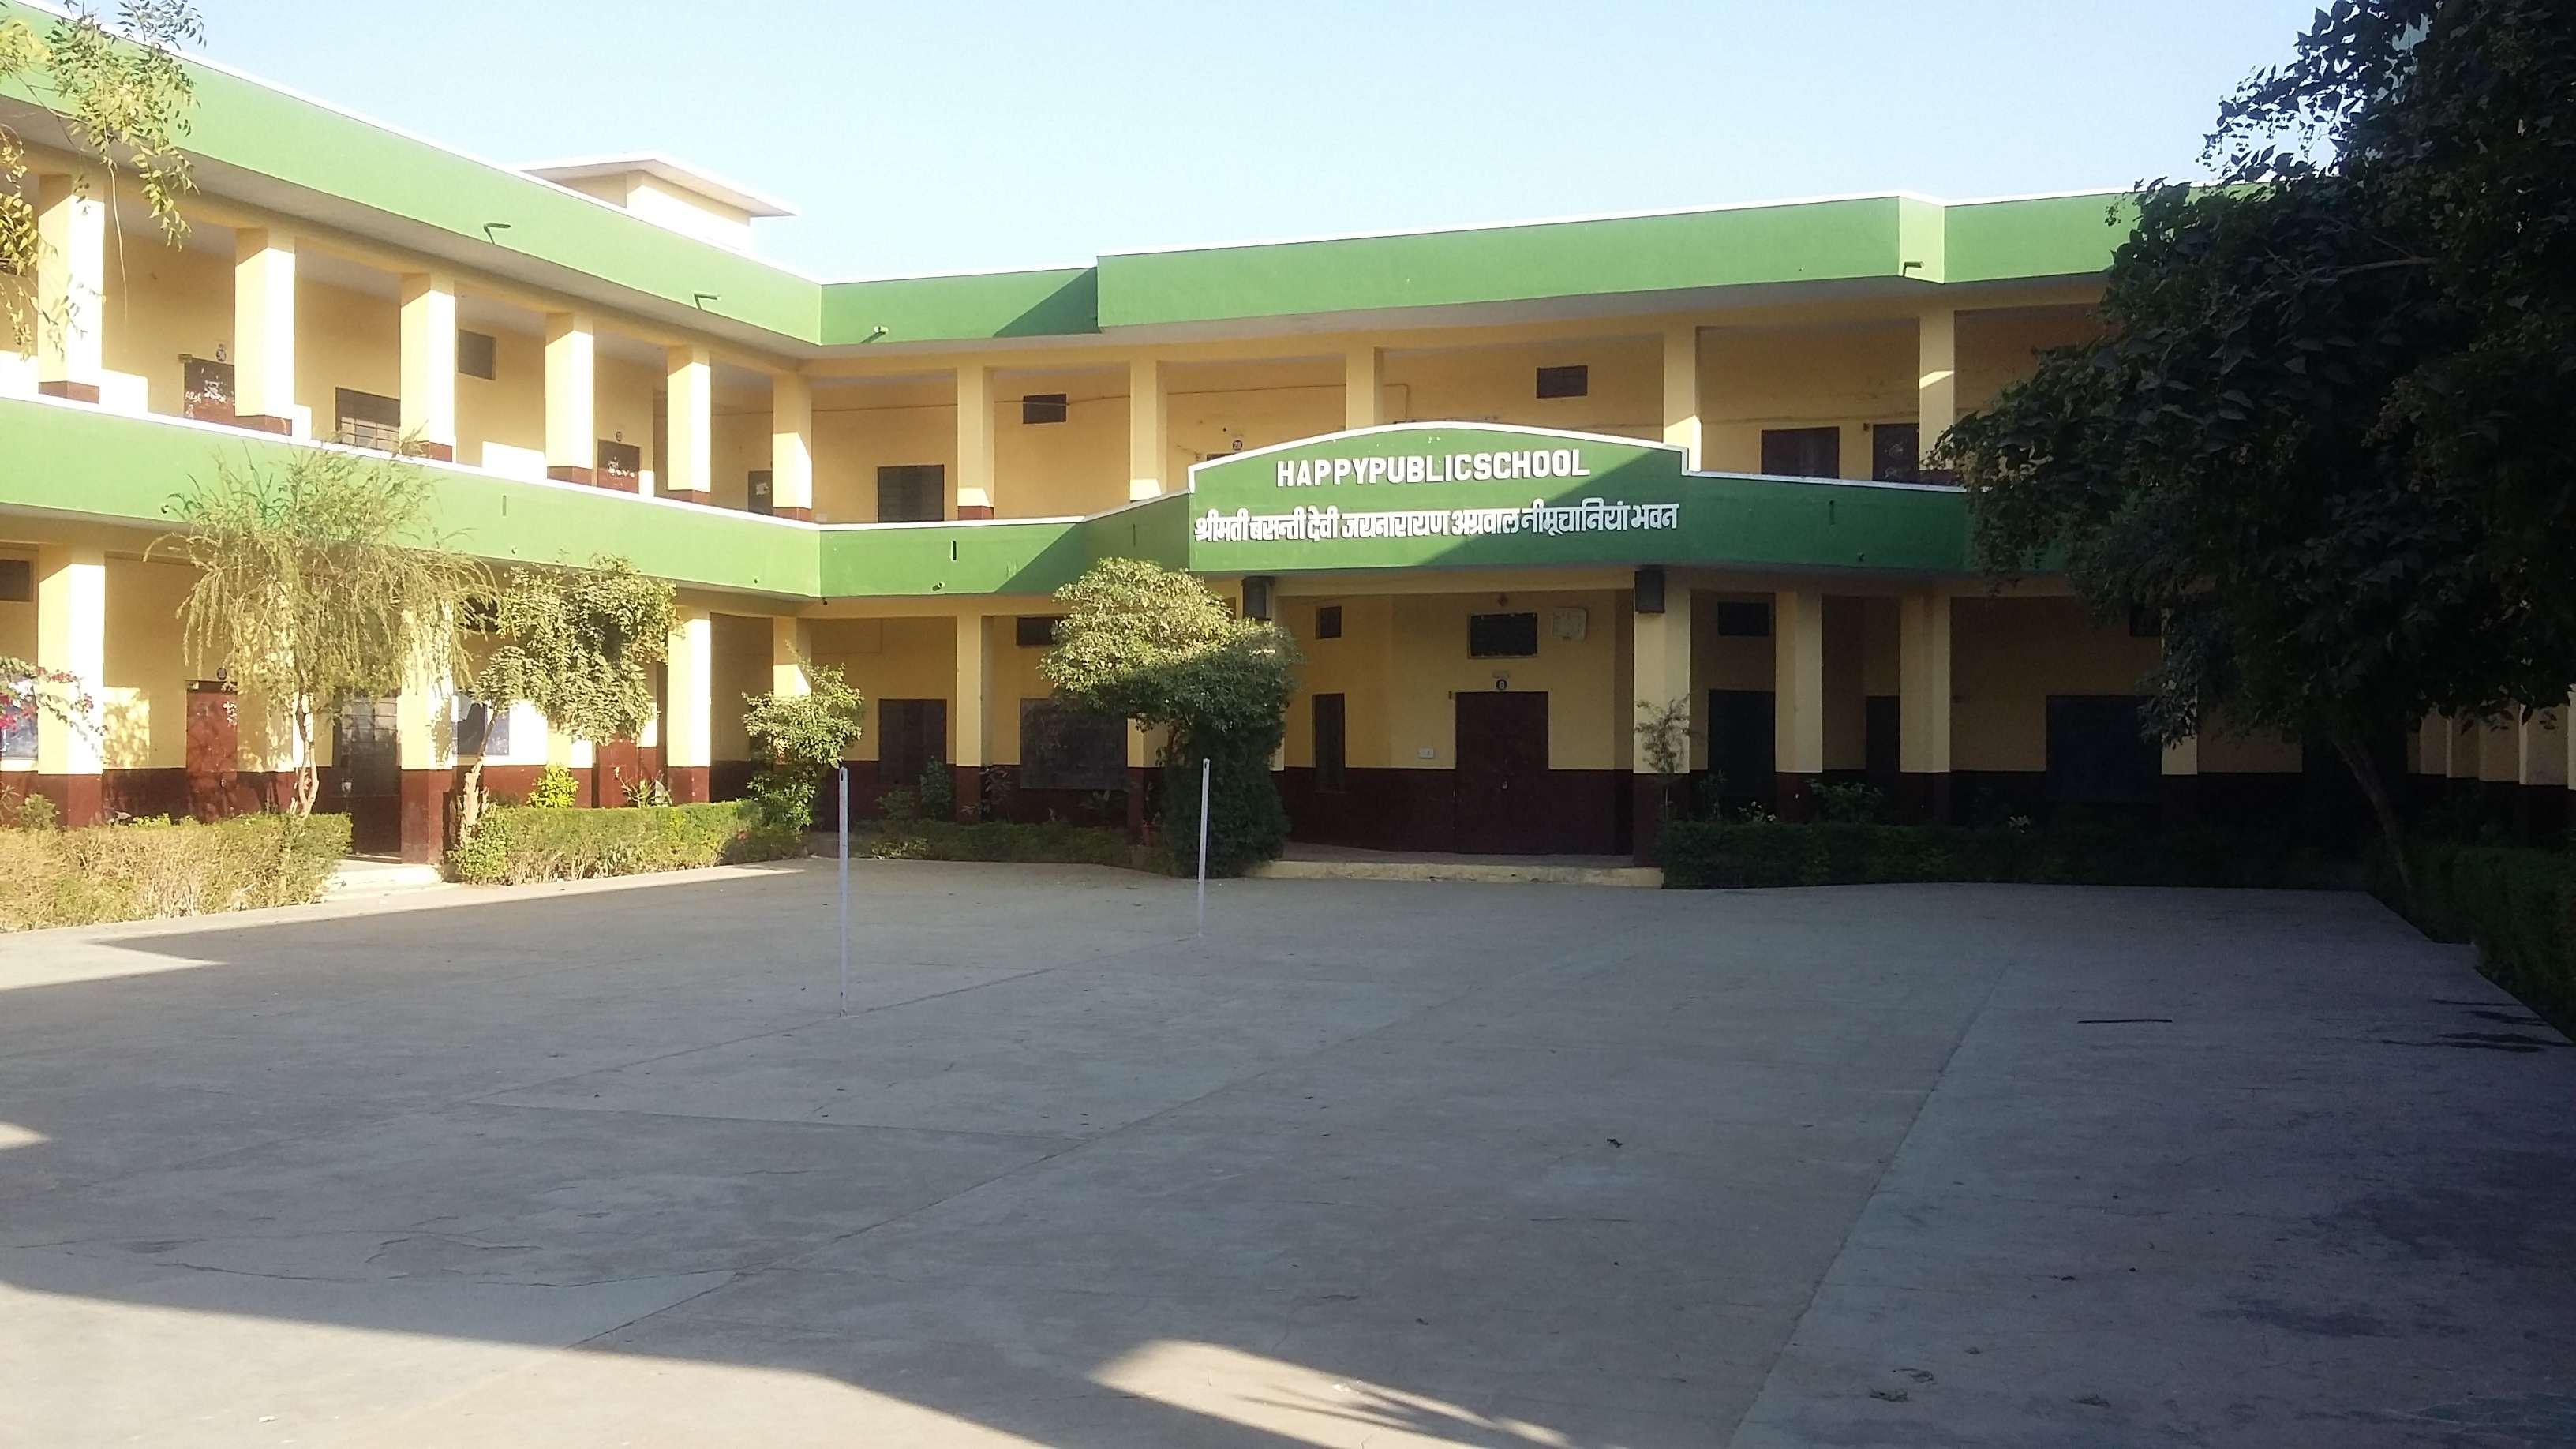 HAPPY PUBLIC SCHOOL SWAMI DAYANAND MARG ALWAR RAJASTHAN